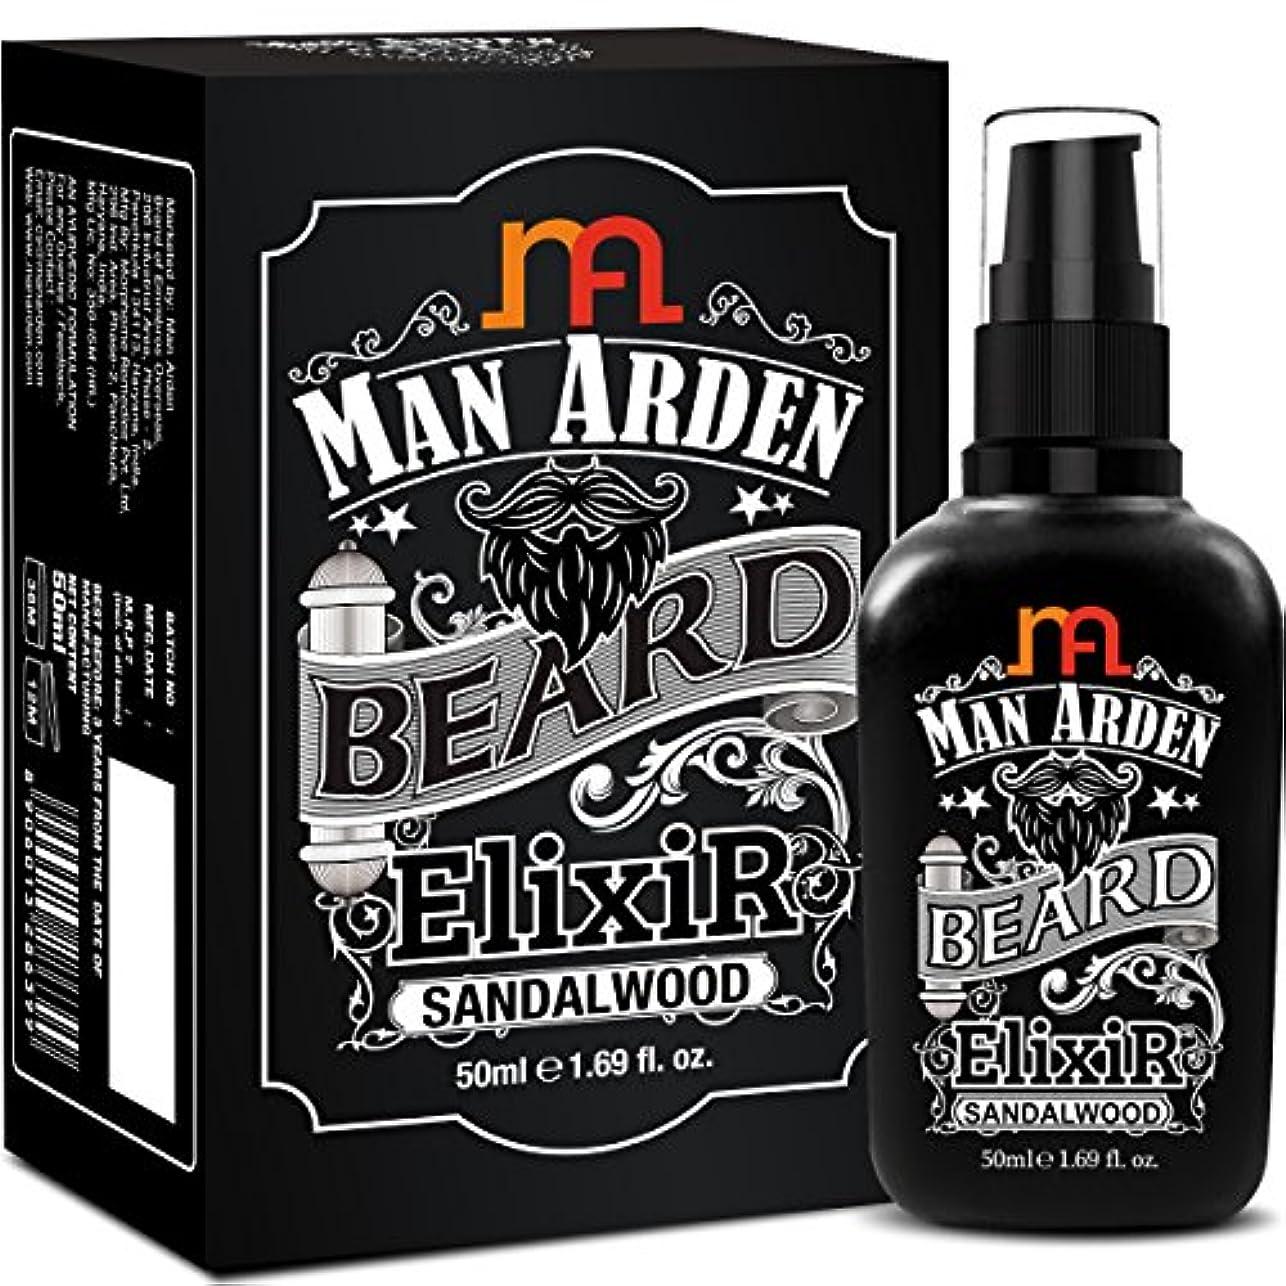 矛盾する窒息させる素朴なMan Arden Beard Elixir Oil 50ml (Sandalwood) - 7 Oils Blend For Beard Repair, Growth & Nourishment8906013286399